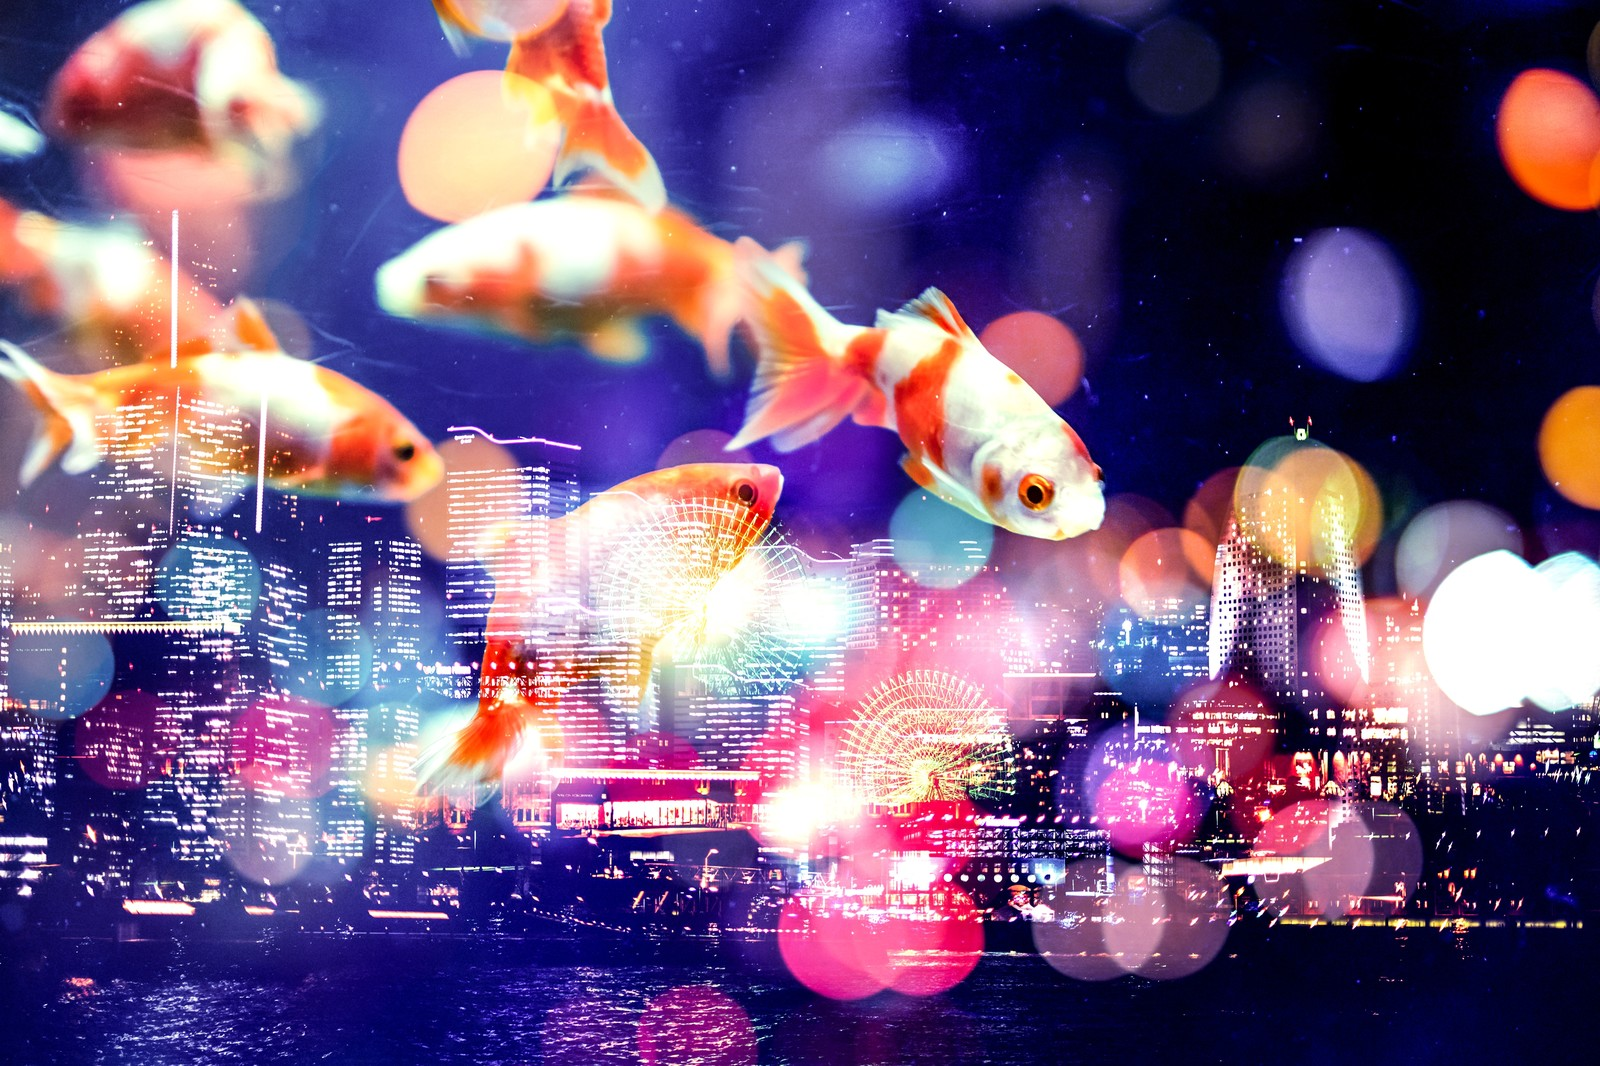 「夜空を優雅に泳ぐ金魚(フォトモンタージュ)」の写真